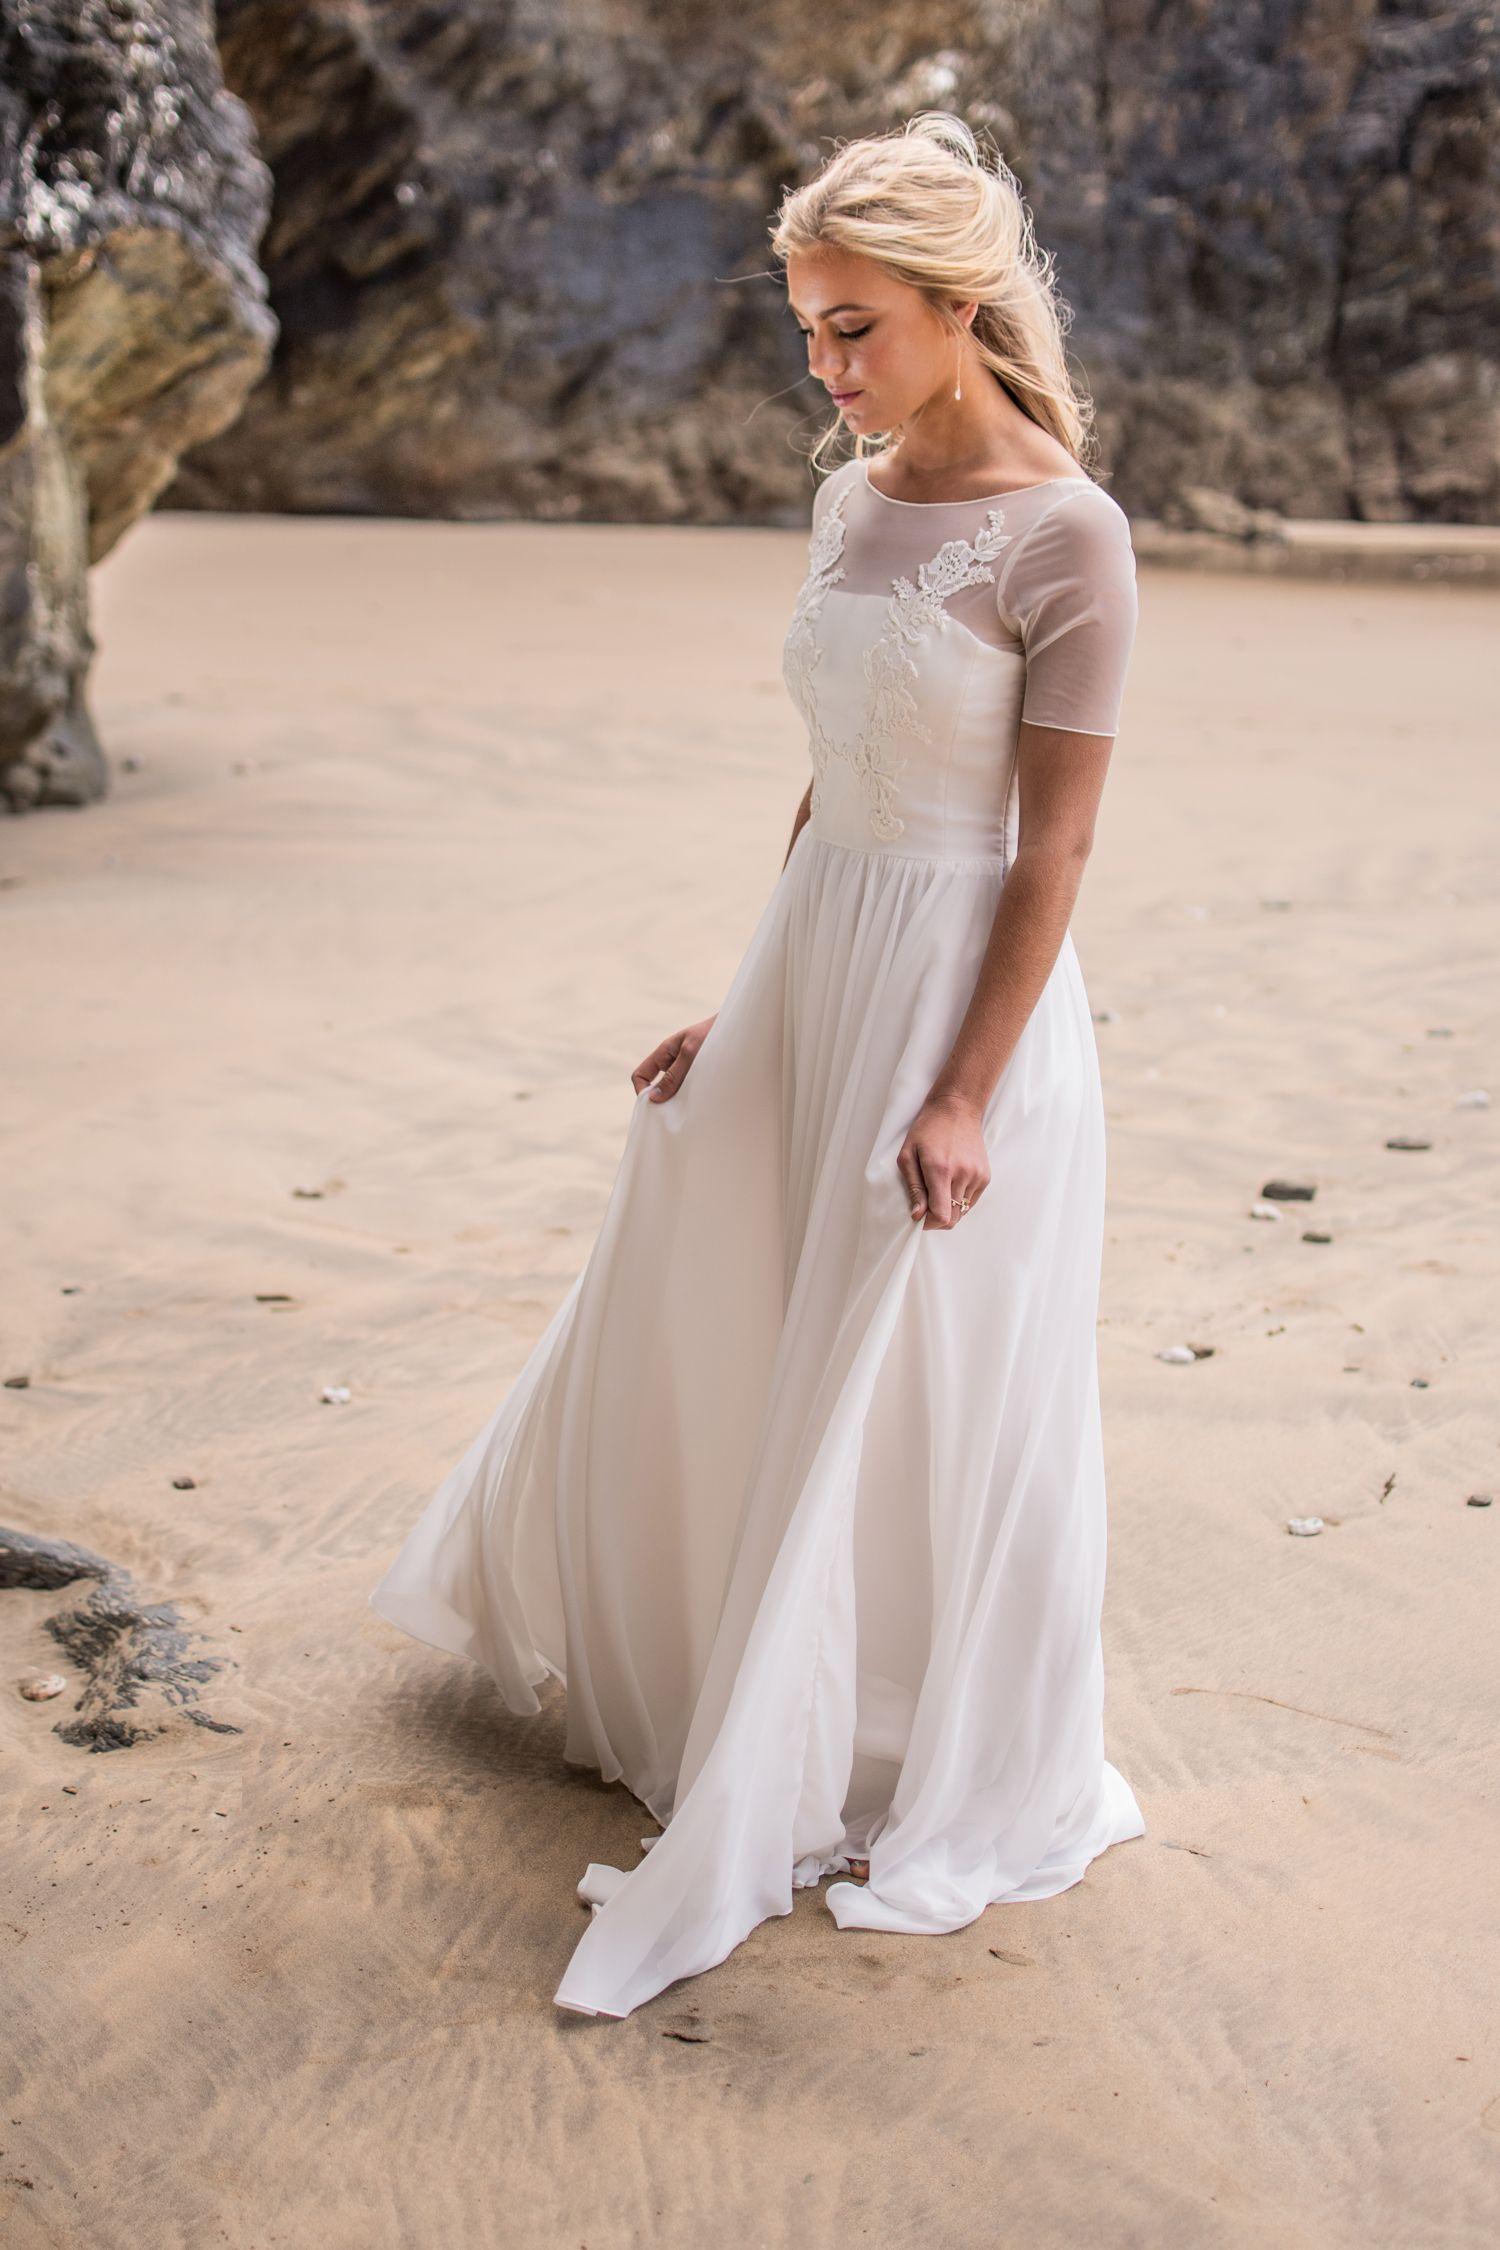 Short Sleeved Wedding Dress With Sheer Sleeves Weddingdresseswithshortsleeves Short Sleeve Wedding Dress Wedding Dresses Sheer Sleeves Wedding Dress Sleeves [ 2250 x 1500 Pixel ]